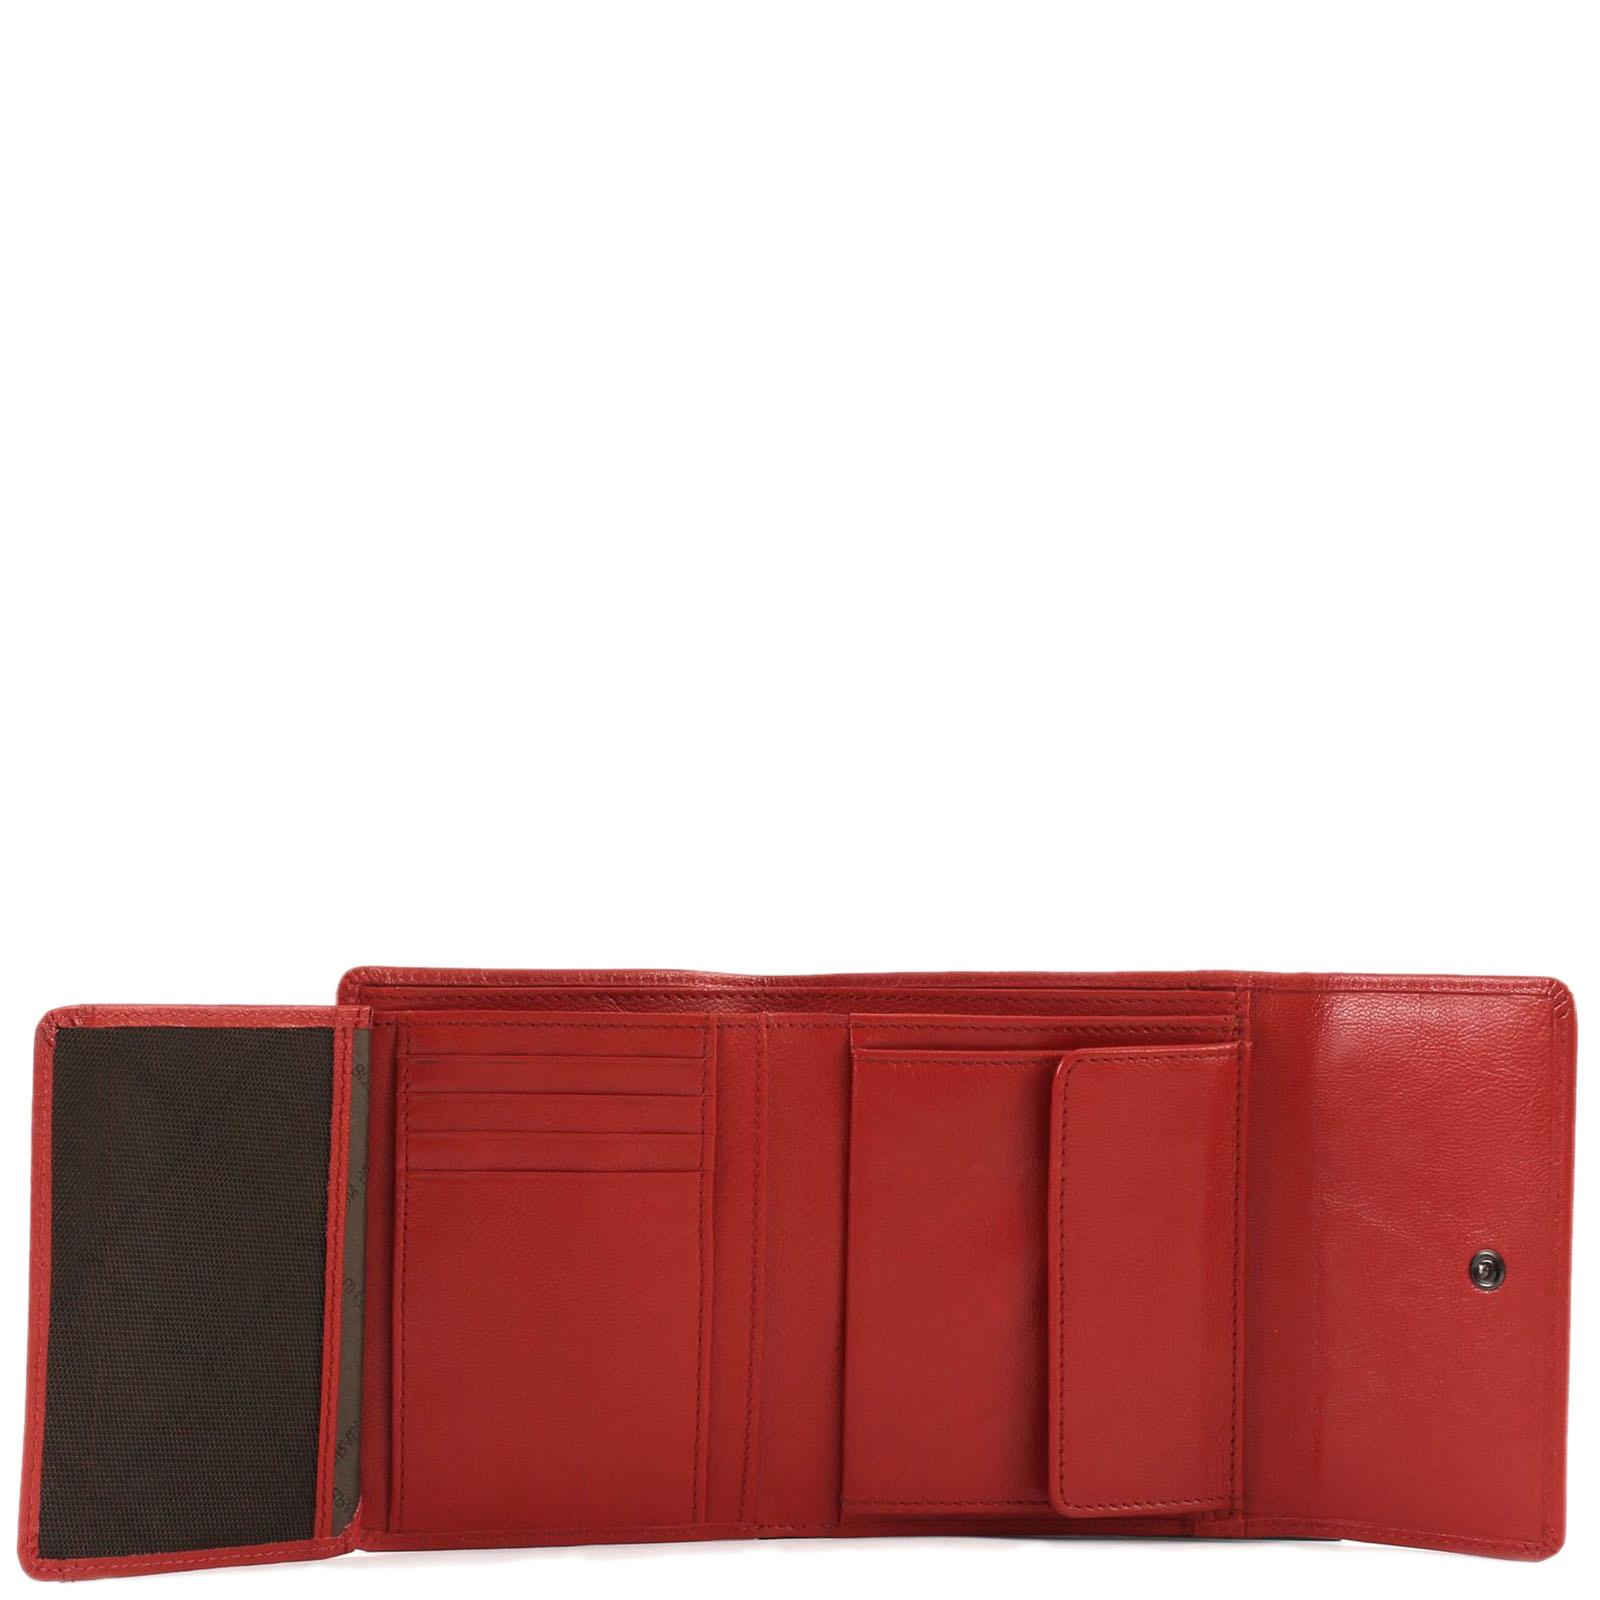 Портмоне Braun Bueffel Soave красного цвета